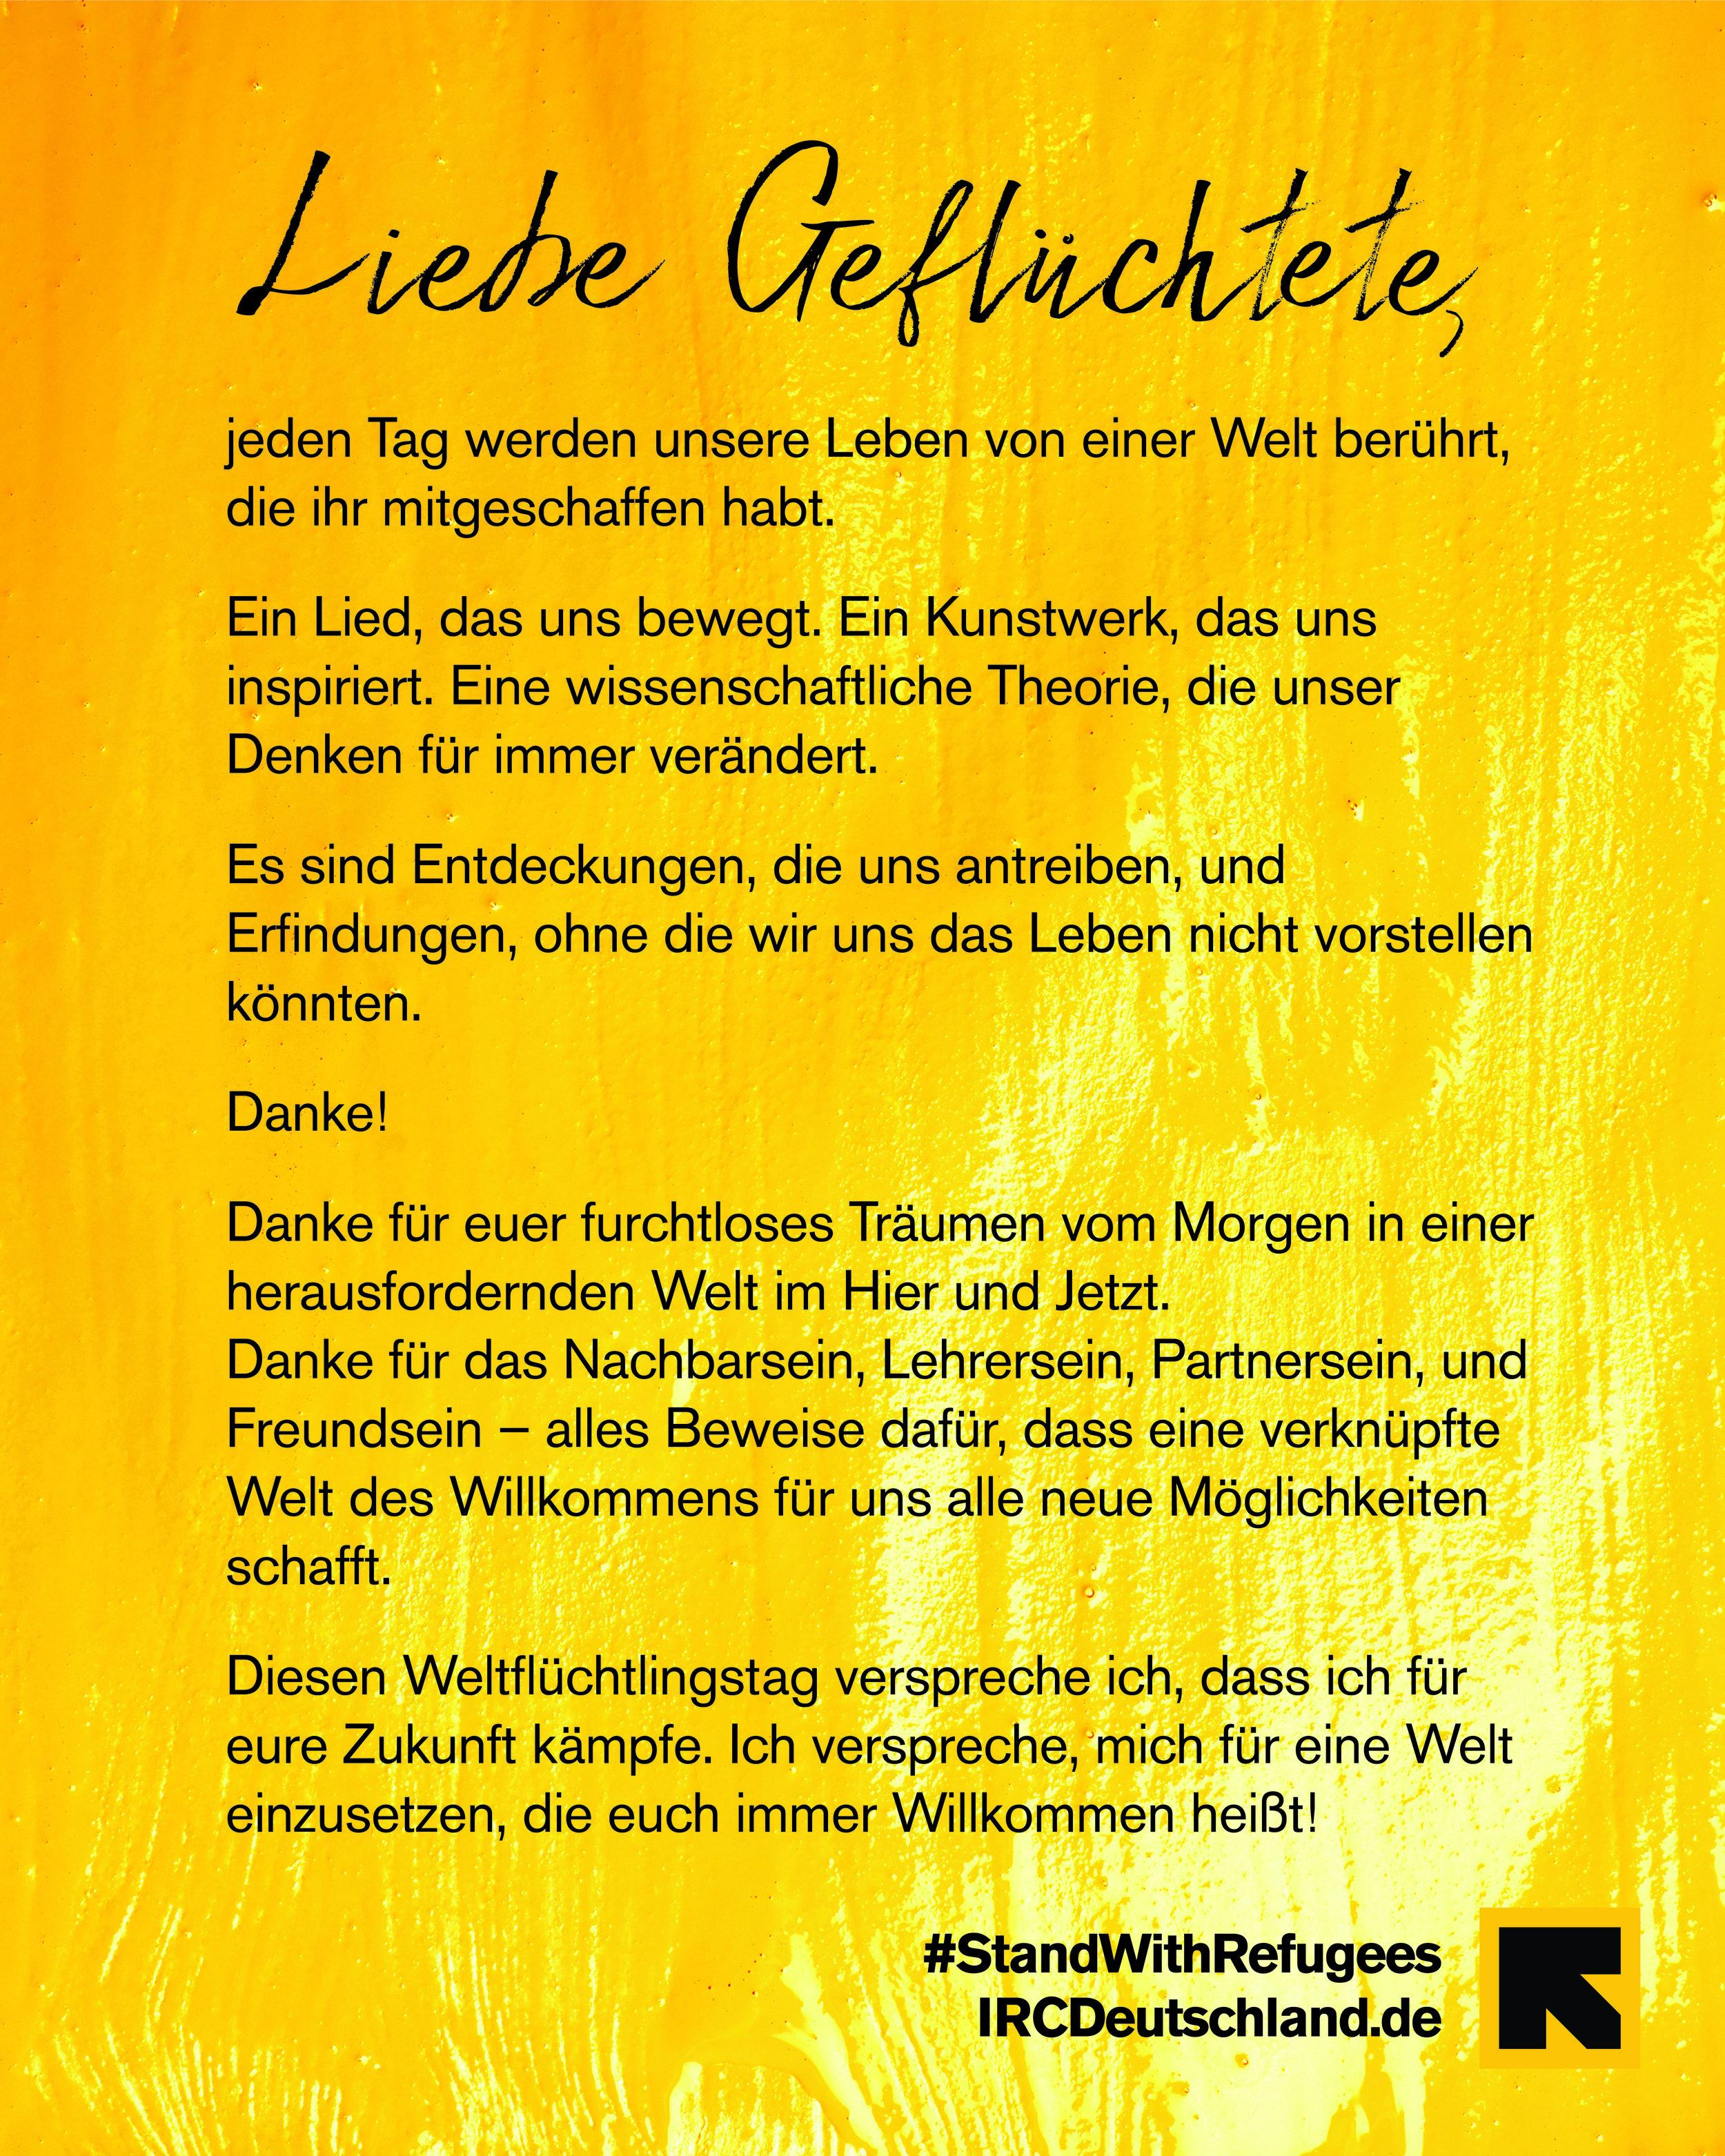 OpenLetter_GermanyV2.jpg